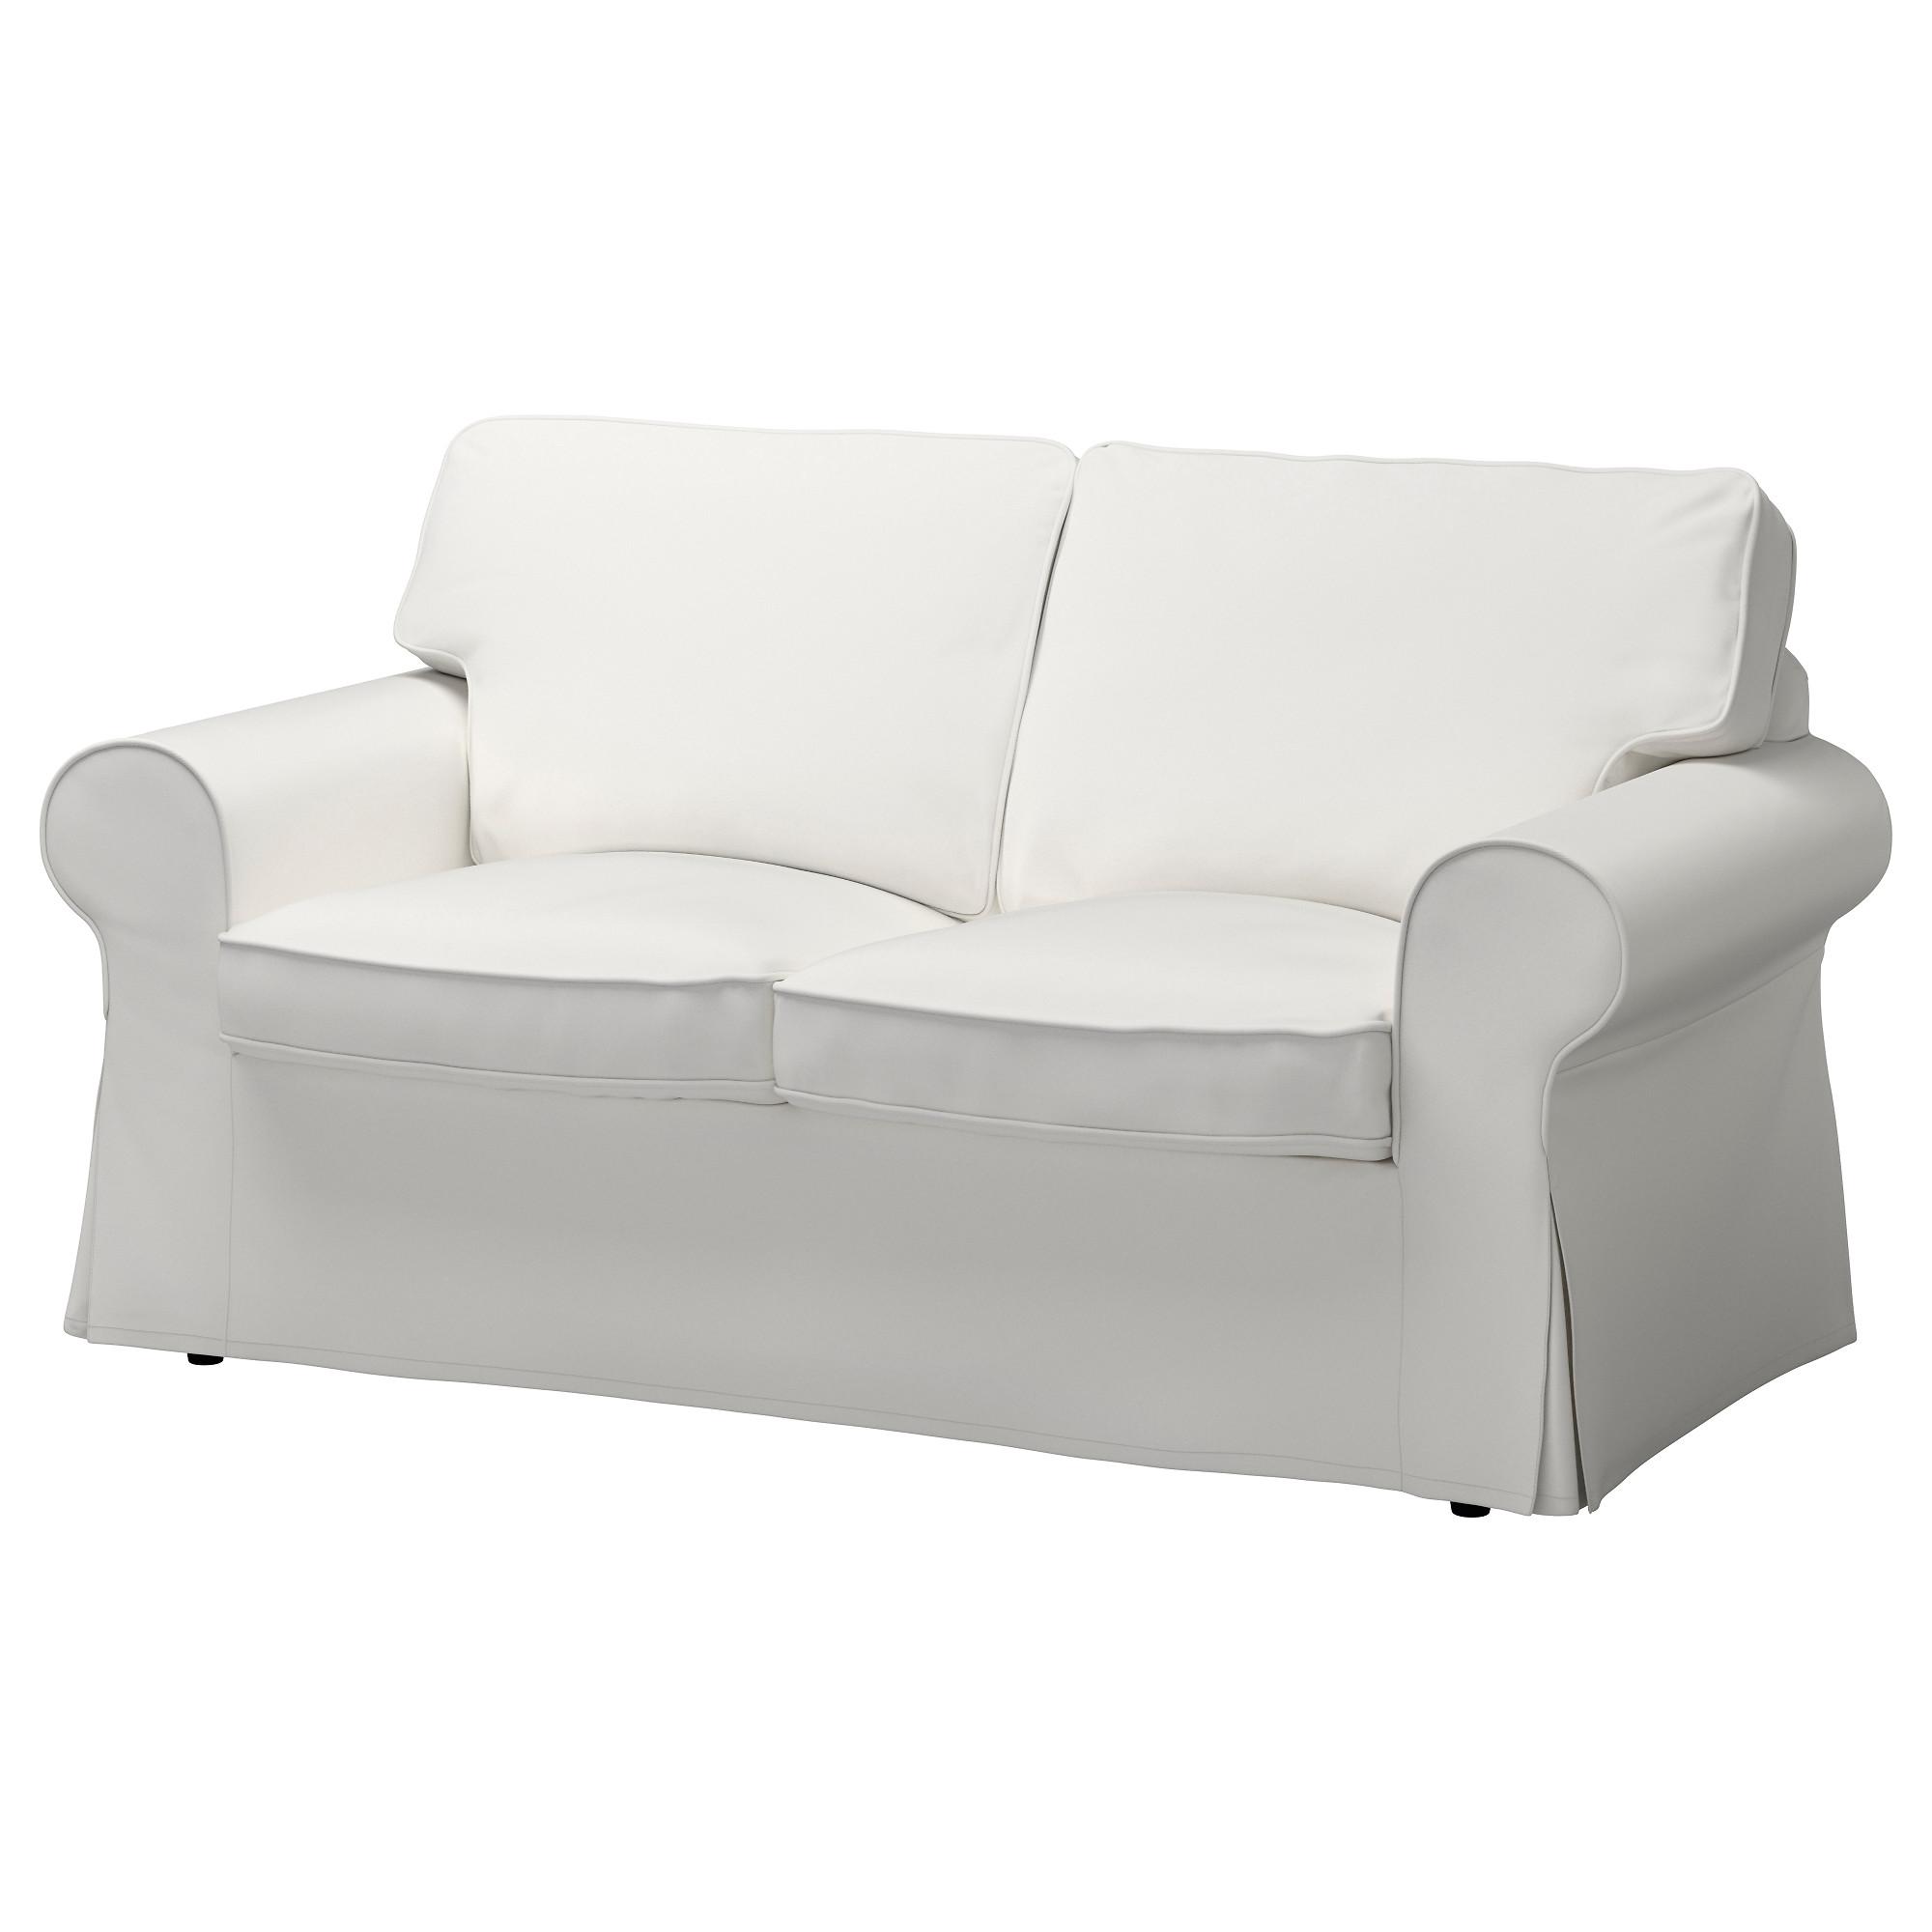 white sofa ektorp loveseat, vittaryd white width: 70 1/2  HPTTJFX